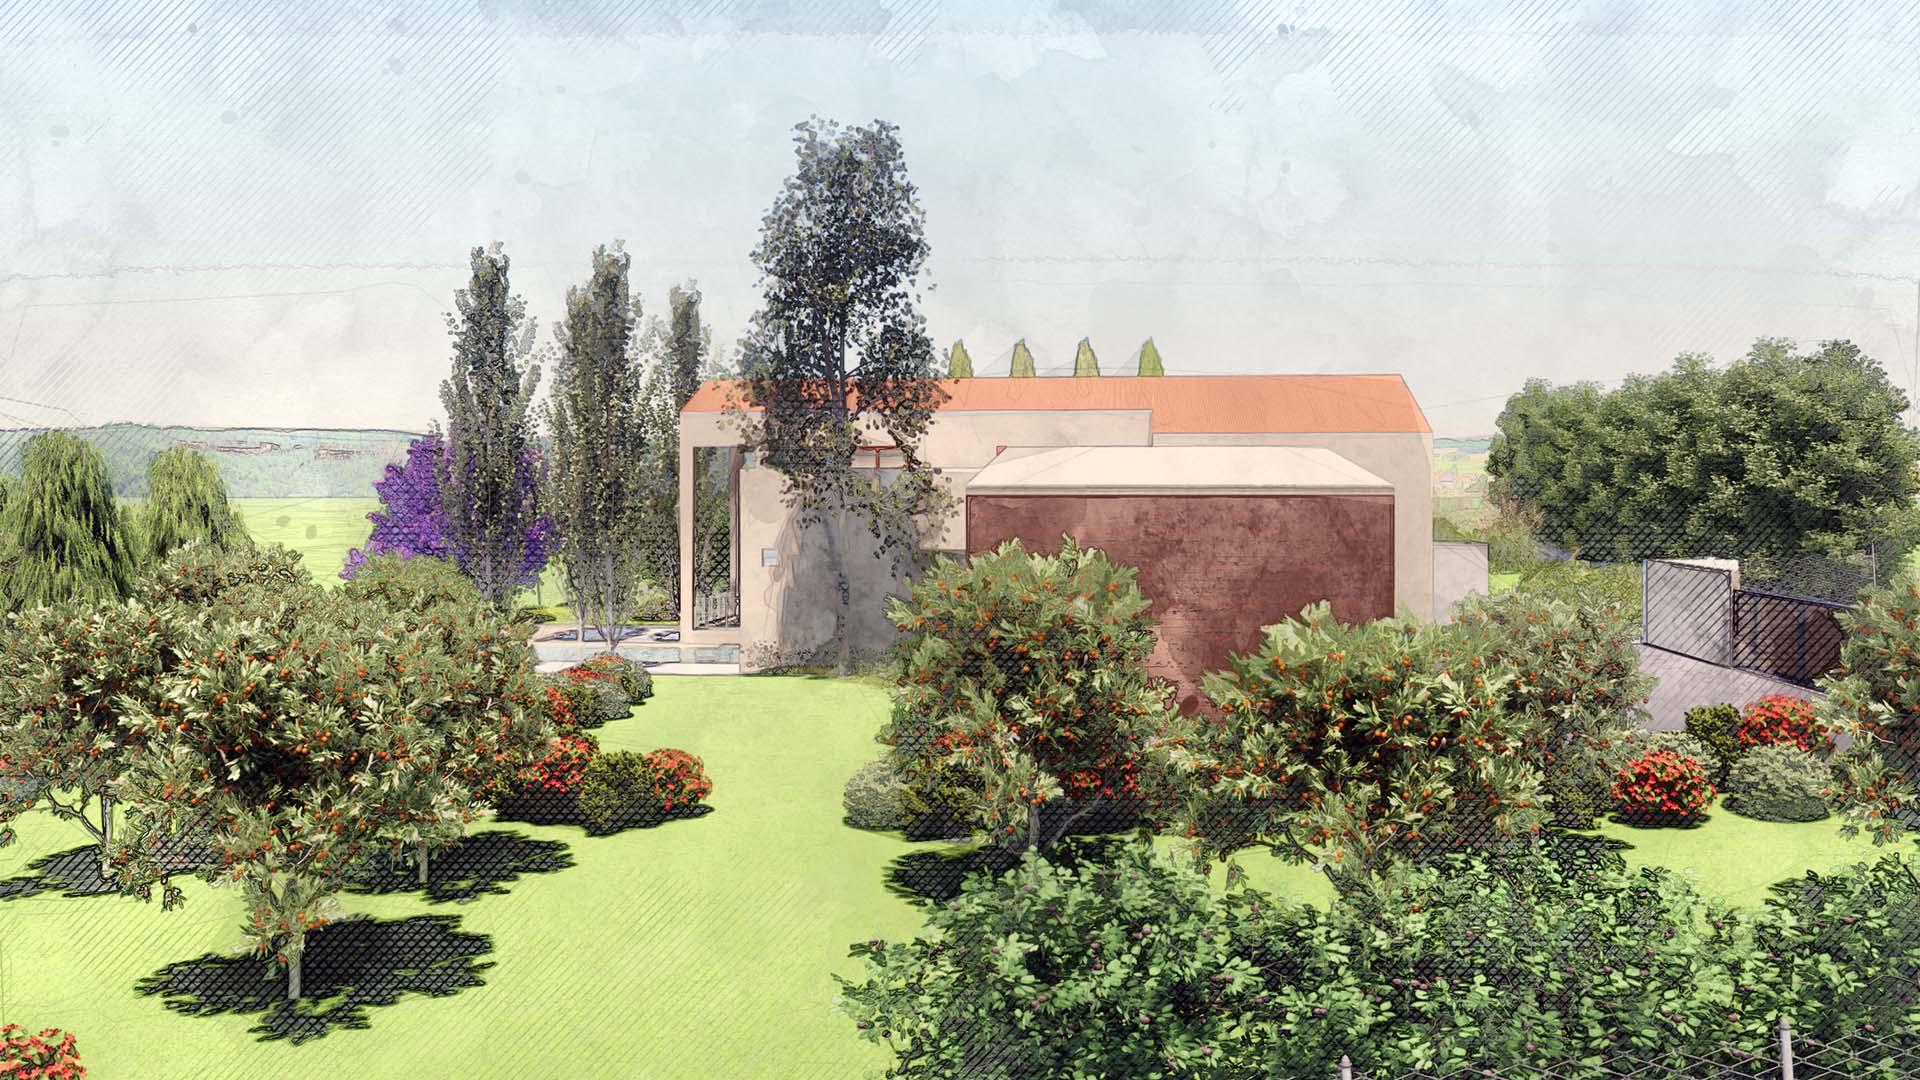 Palmieri Studio analisi del contesto per progetto giardino villa.